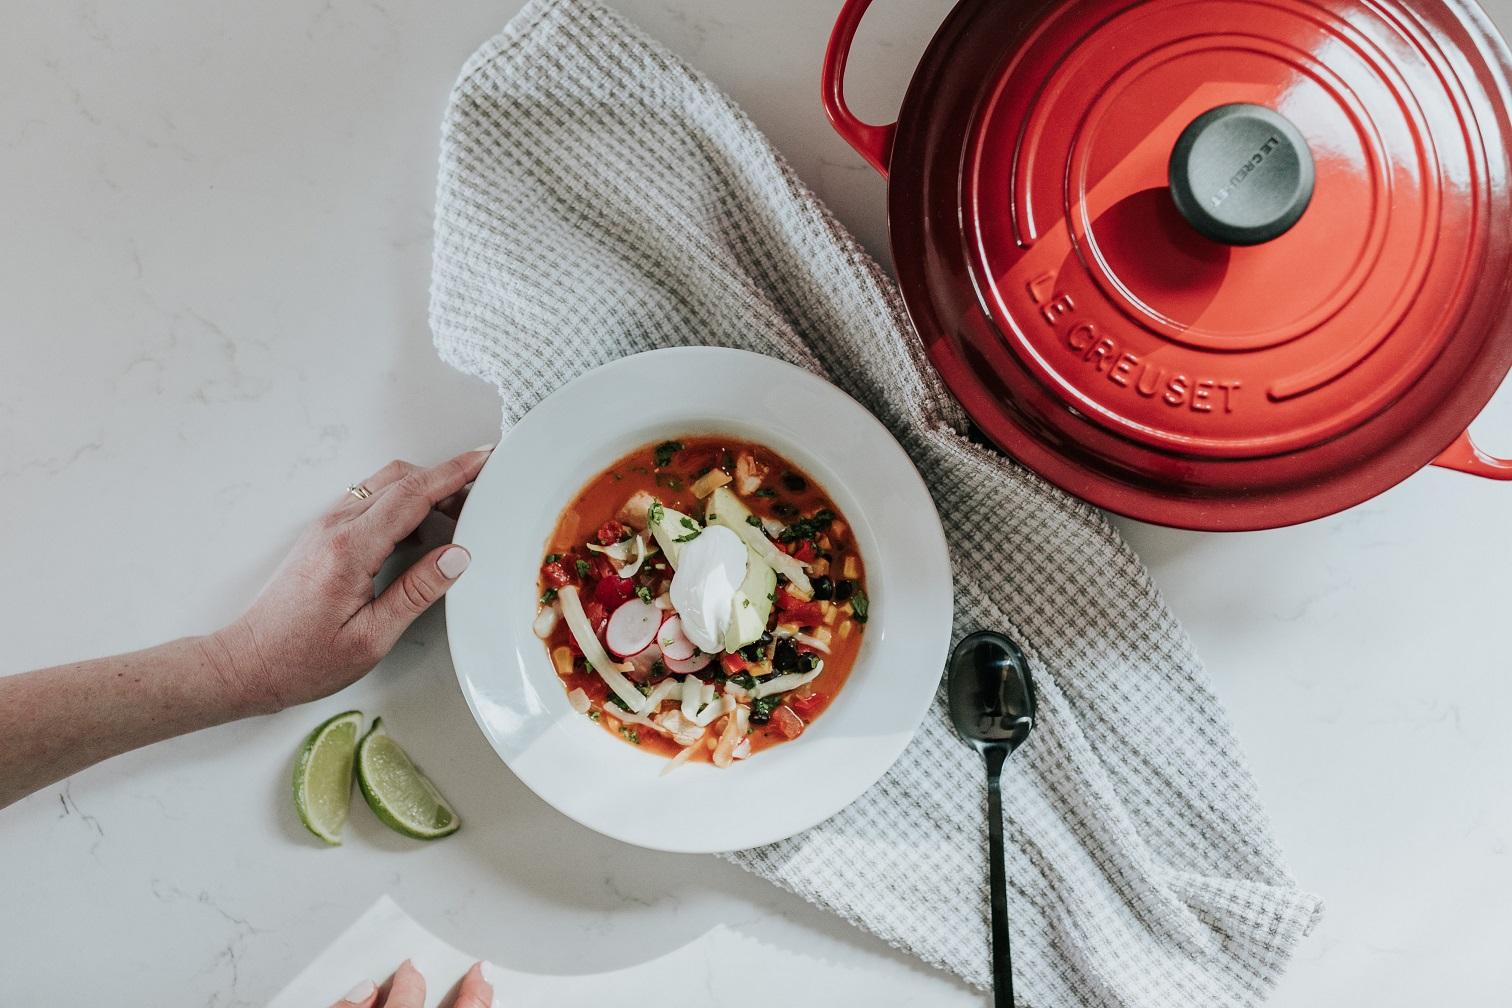 Skład Twojego talerza. Jak odpowiednio zbilansować dietę?